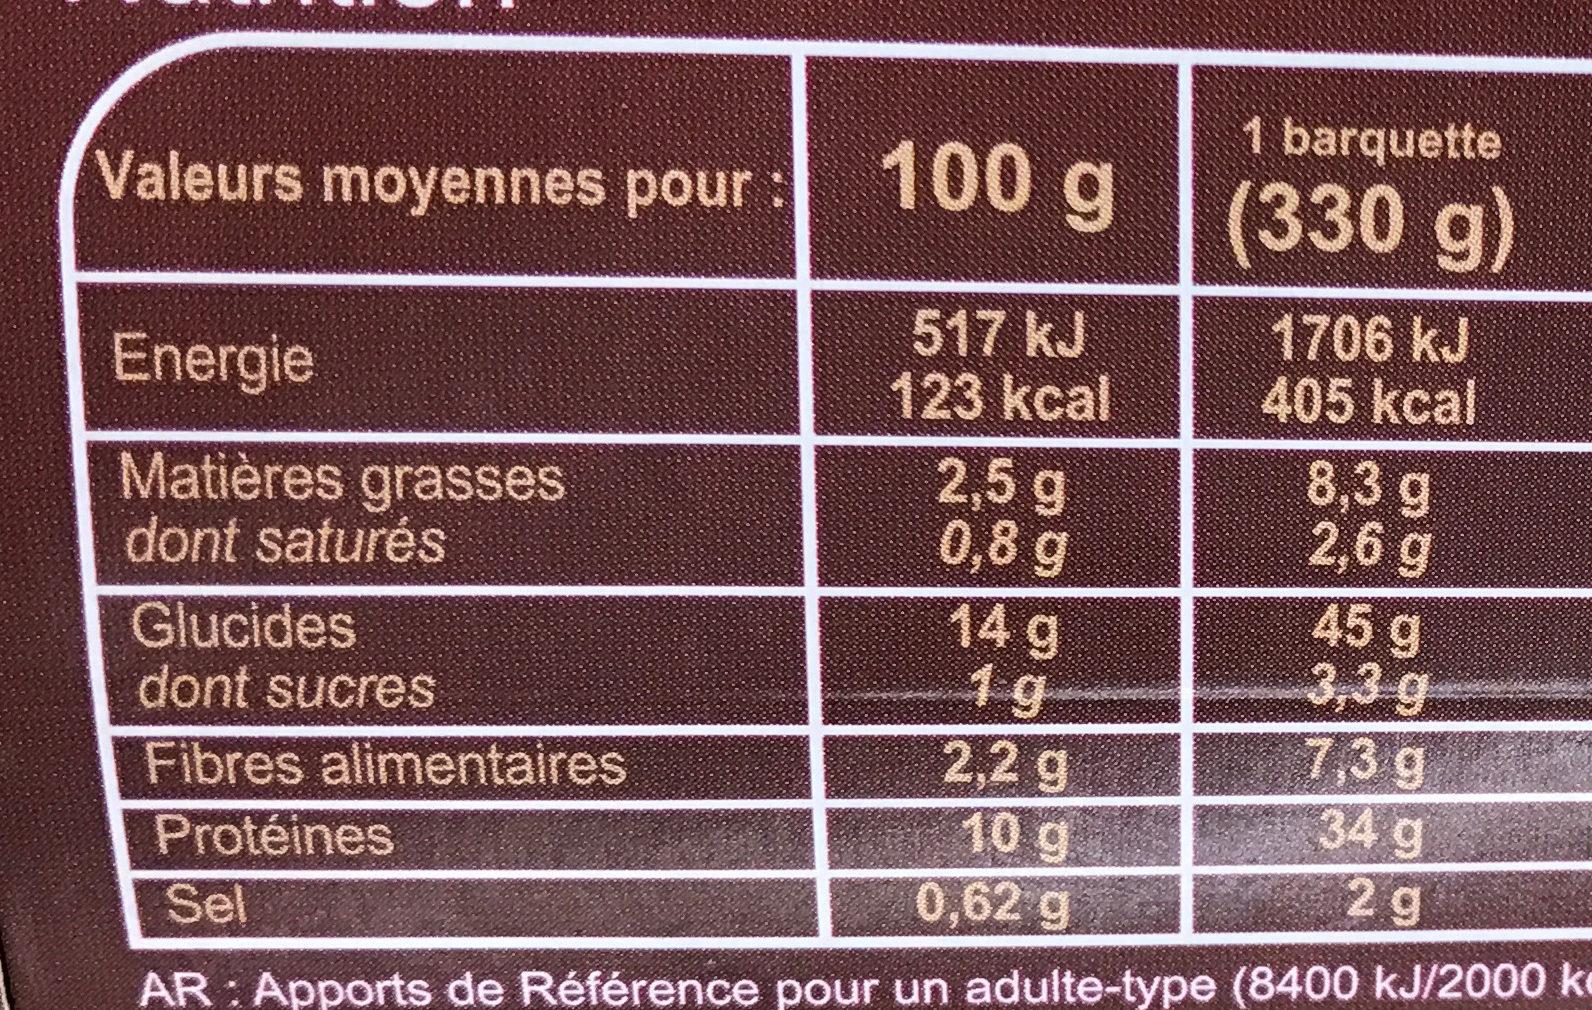 Bœuf Bourguignon et ses Tagliatelles - Informations nutritionnelles